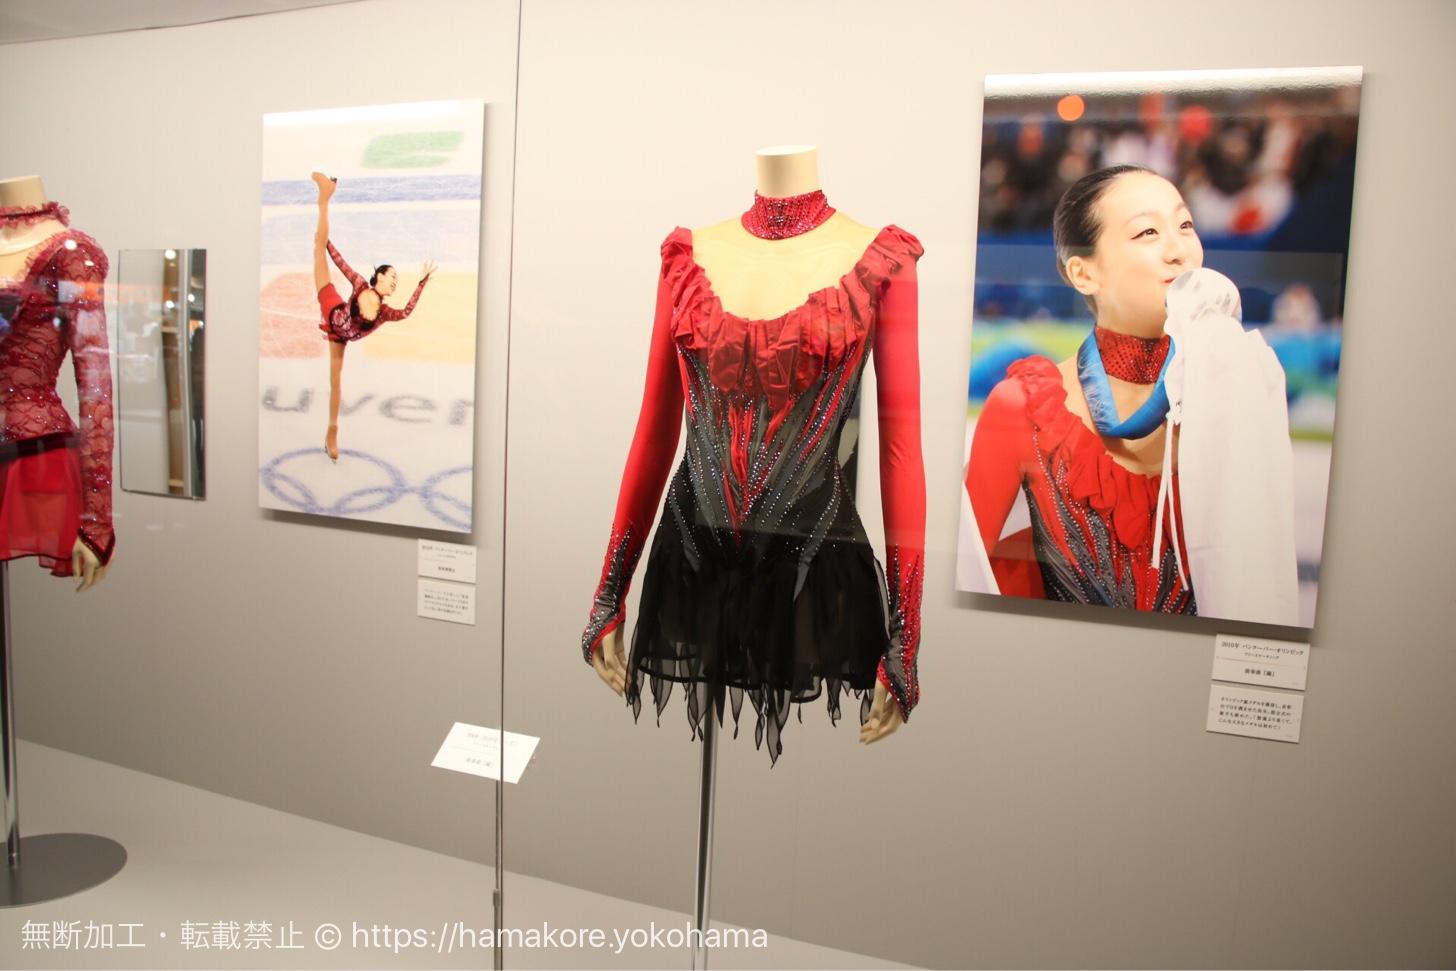 横浜高島屋で「浅田真央展」が開催中!歴代の衣装やスケート靴など約100点を展示